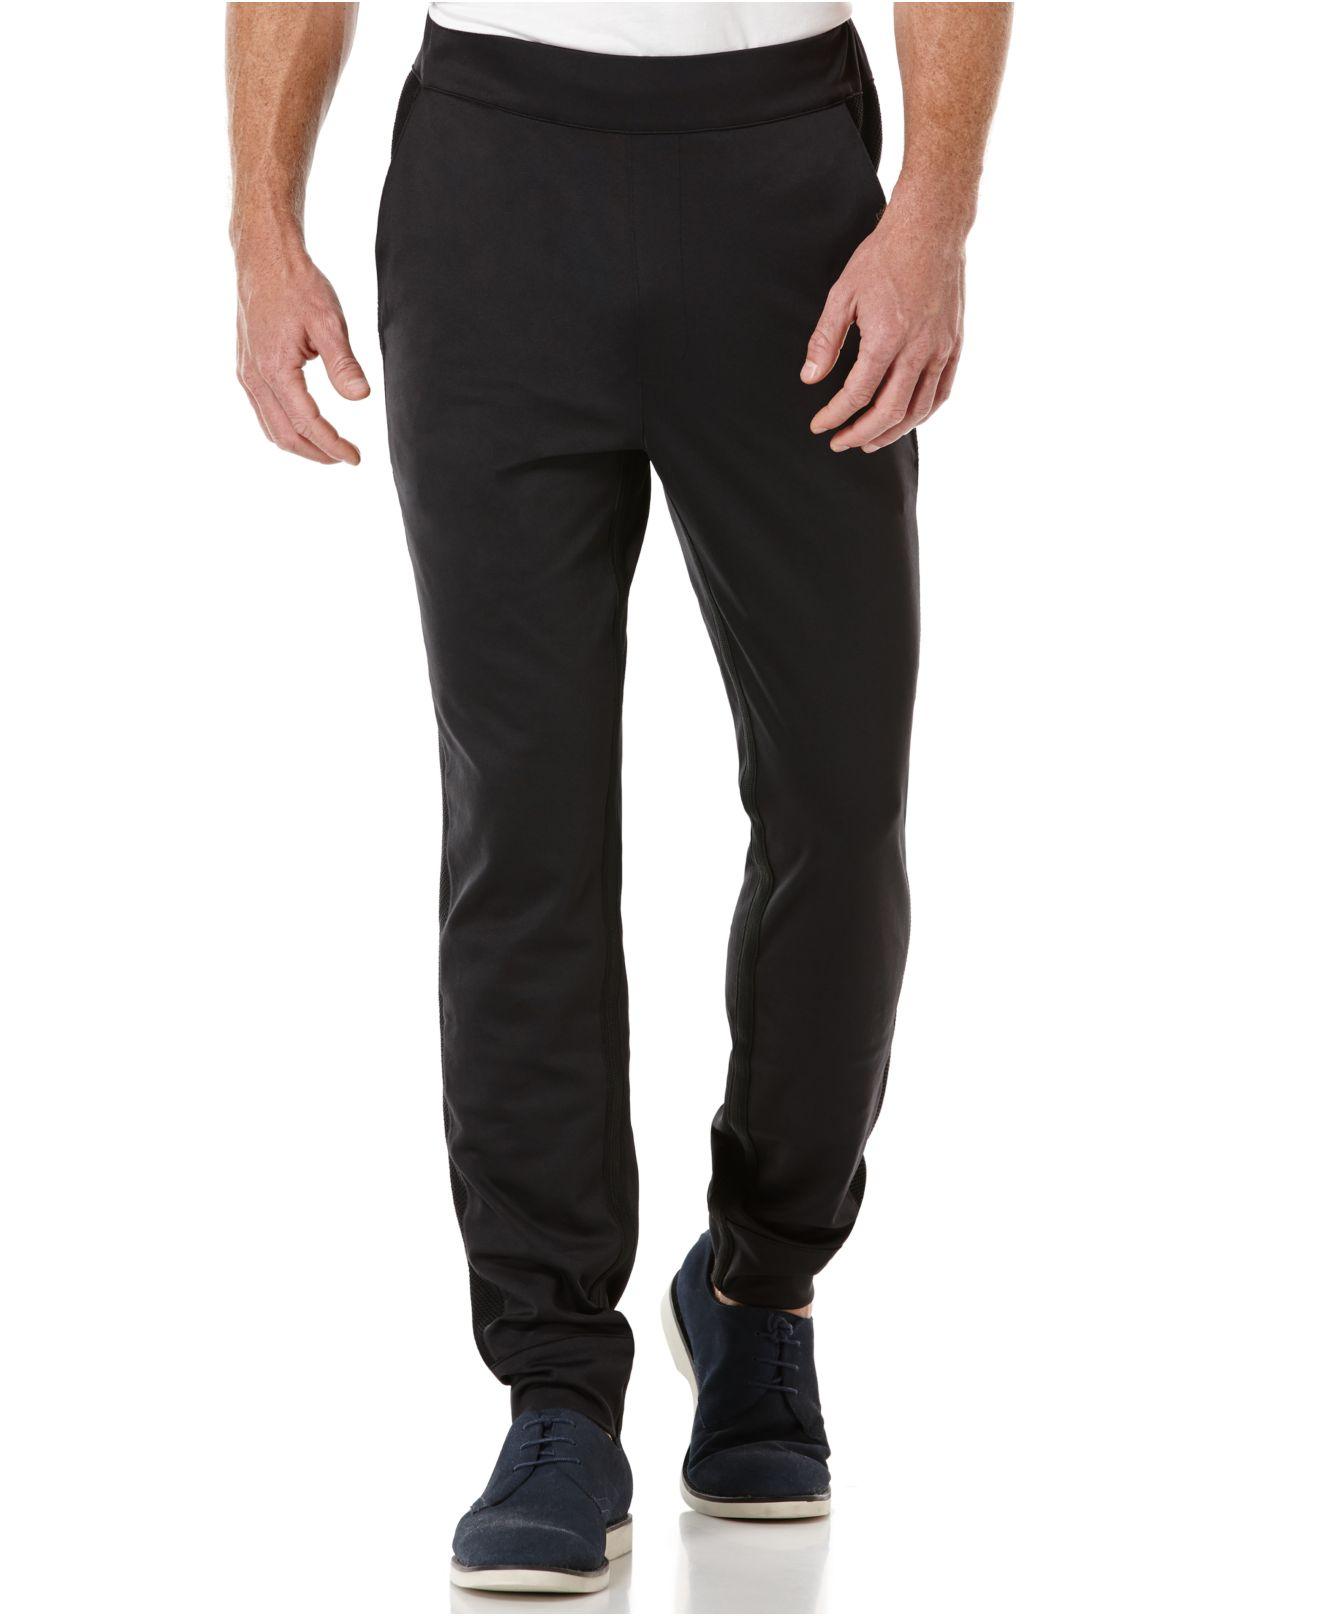 Perry Ellis Mens Nylon Tricot Clothing 26